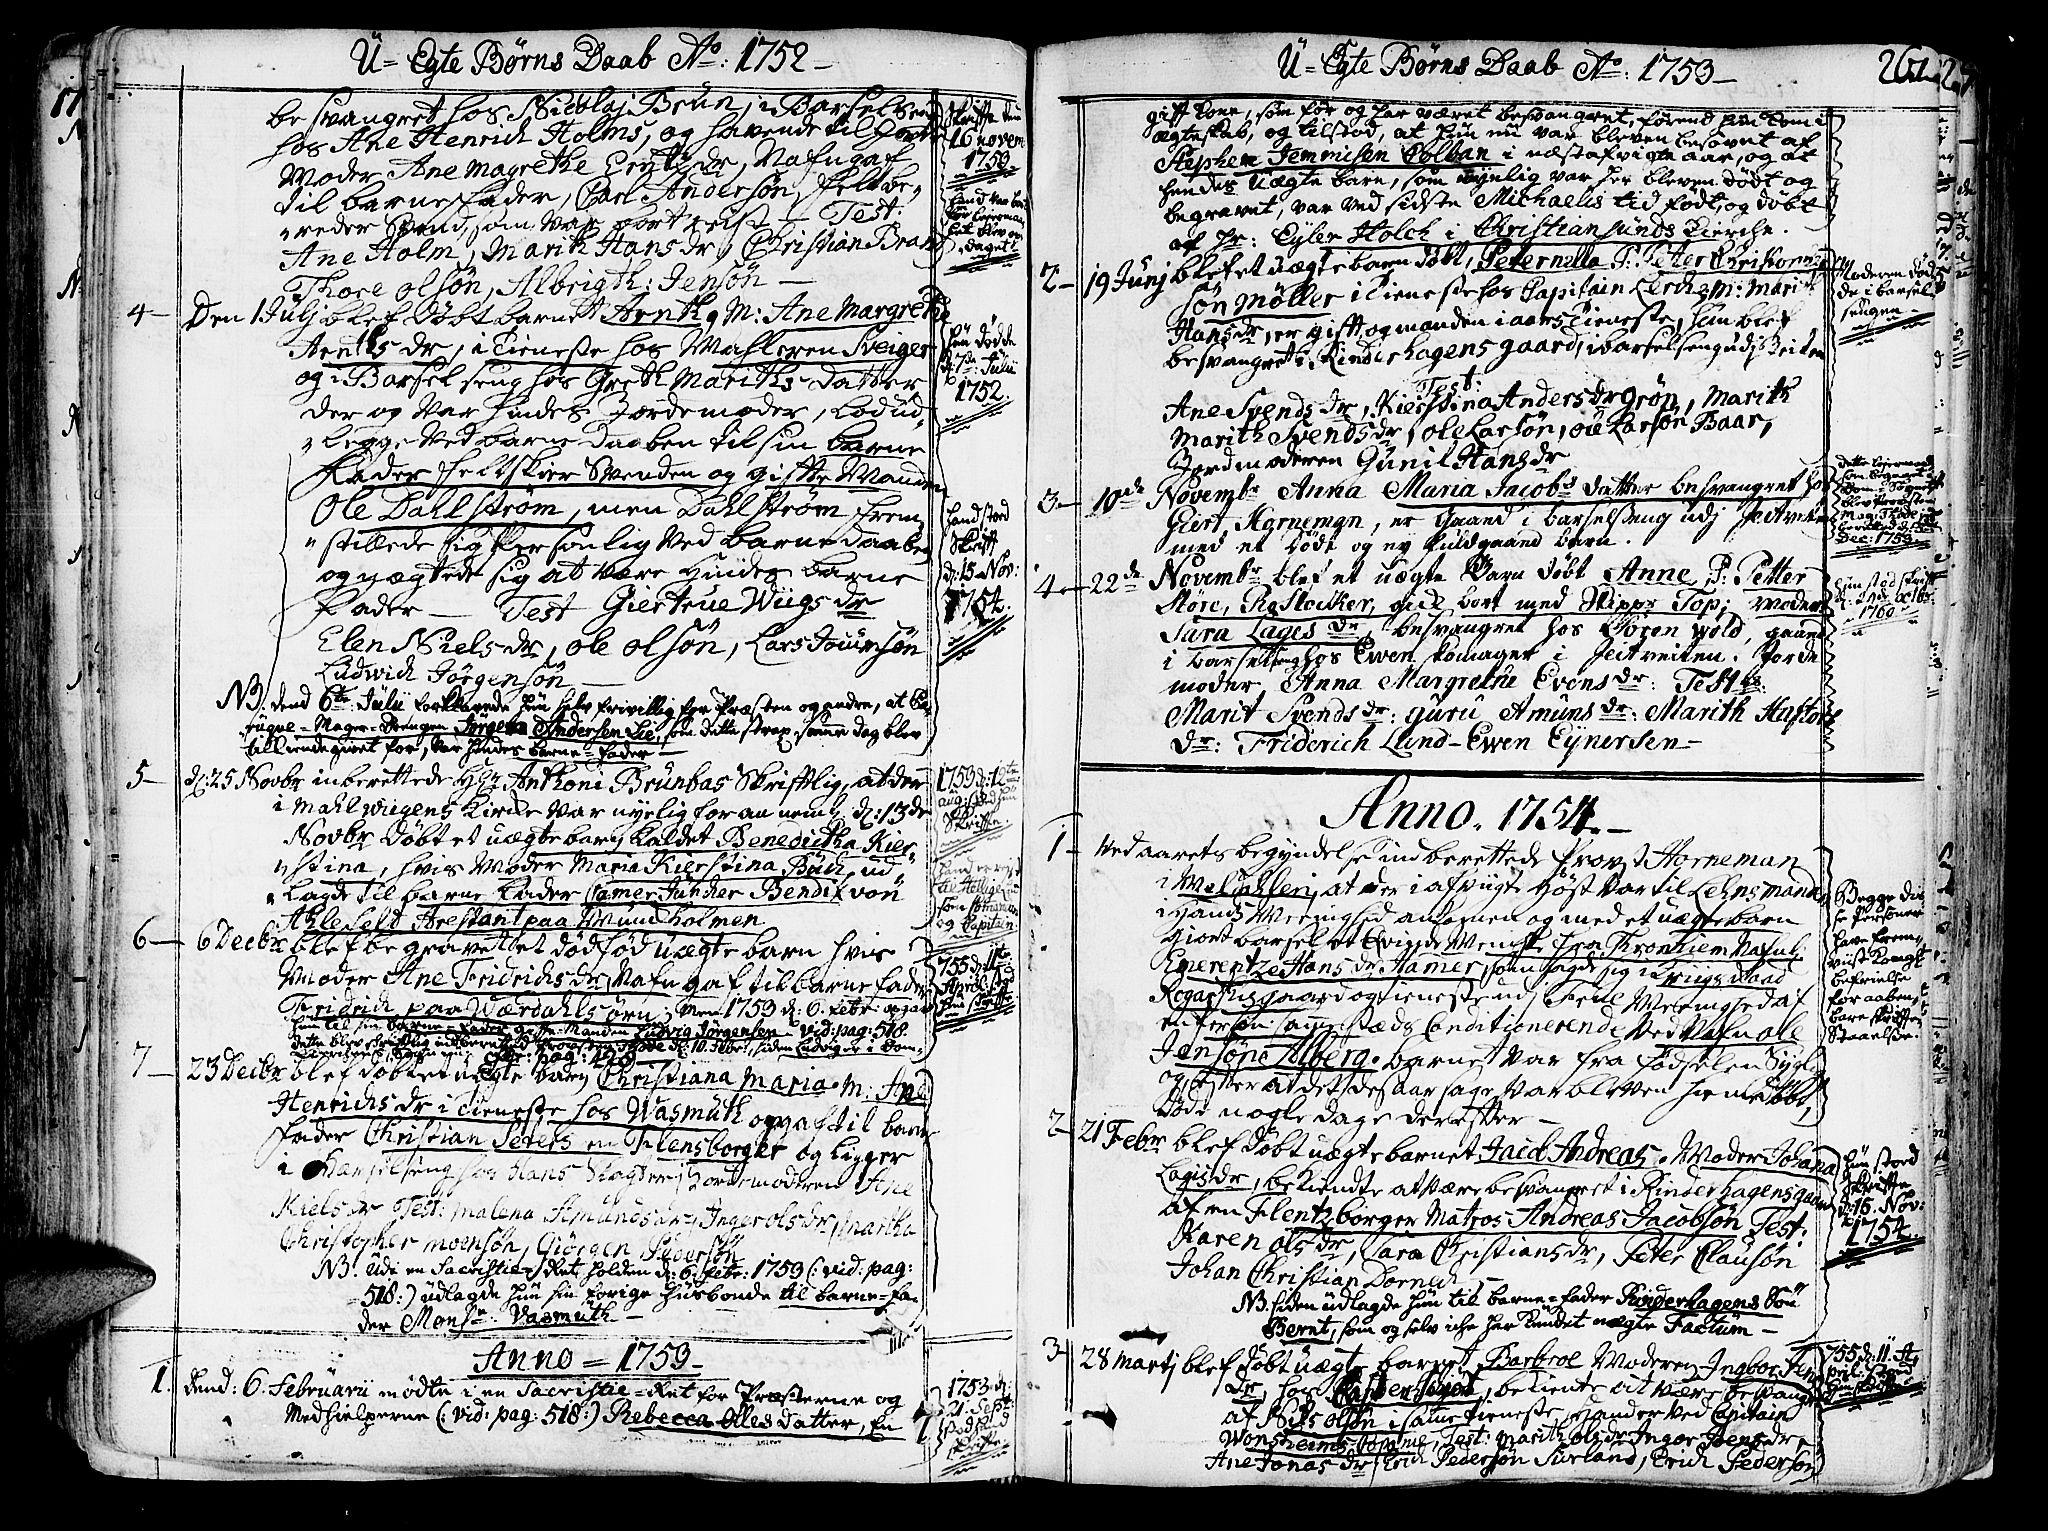 SAT, Ministerialprotokoller, klokkerbøker og fødselsregistre - Sør-Trøndelag, 602/L0103: Ministerialbok nr. 602A01, 1732-1774, s. 261